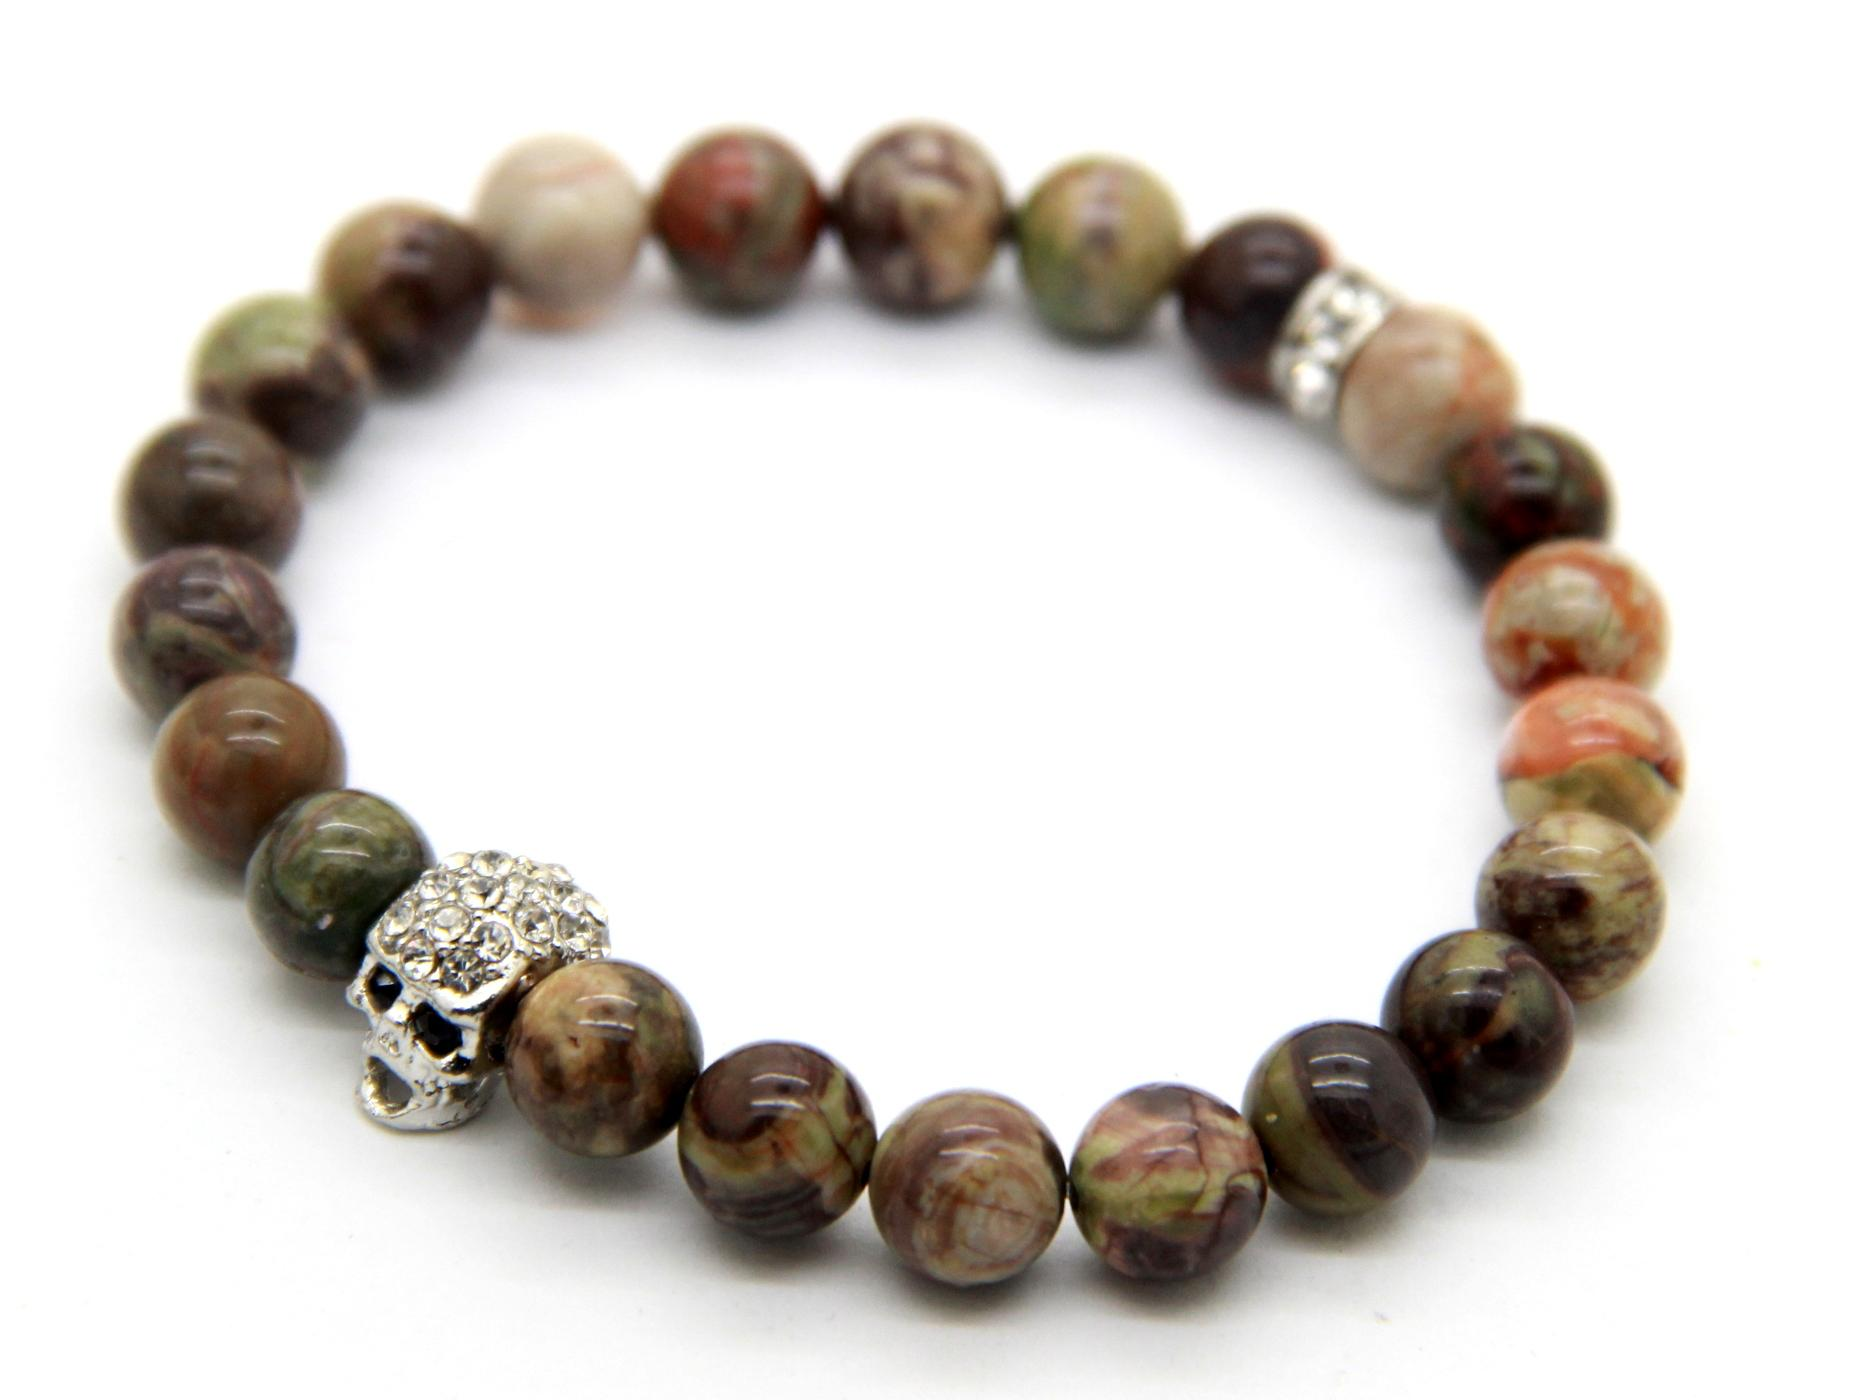 2015 новый дизайн высокое качество Мужские браслеты оптом 8 мм натуральный океан яшма камень бусины Серебряный Кристалл череп браслеты для мужчин или женщин